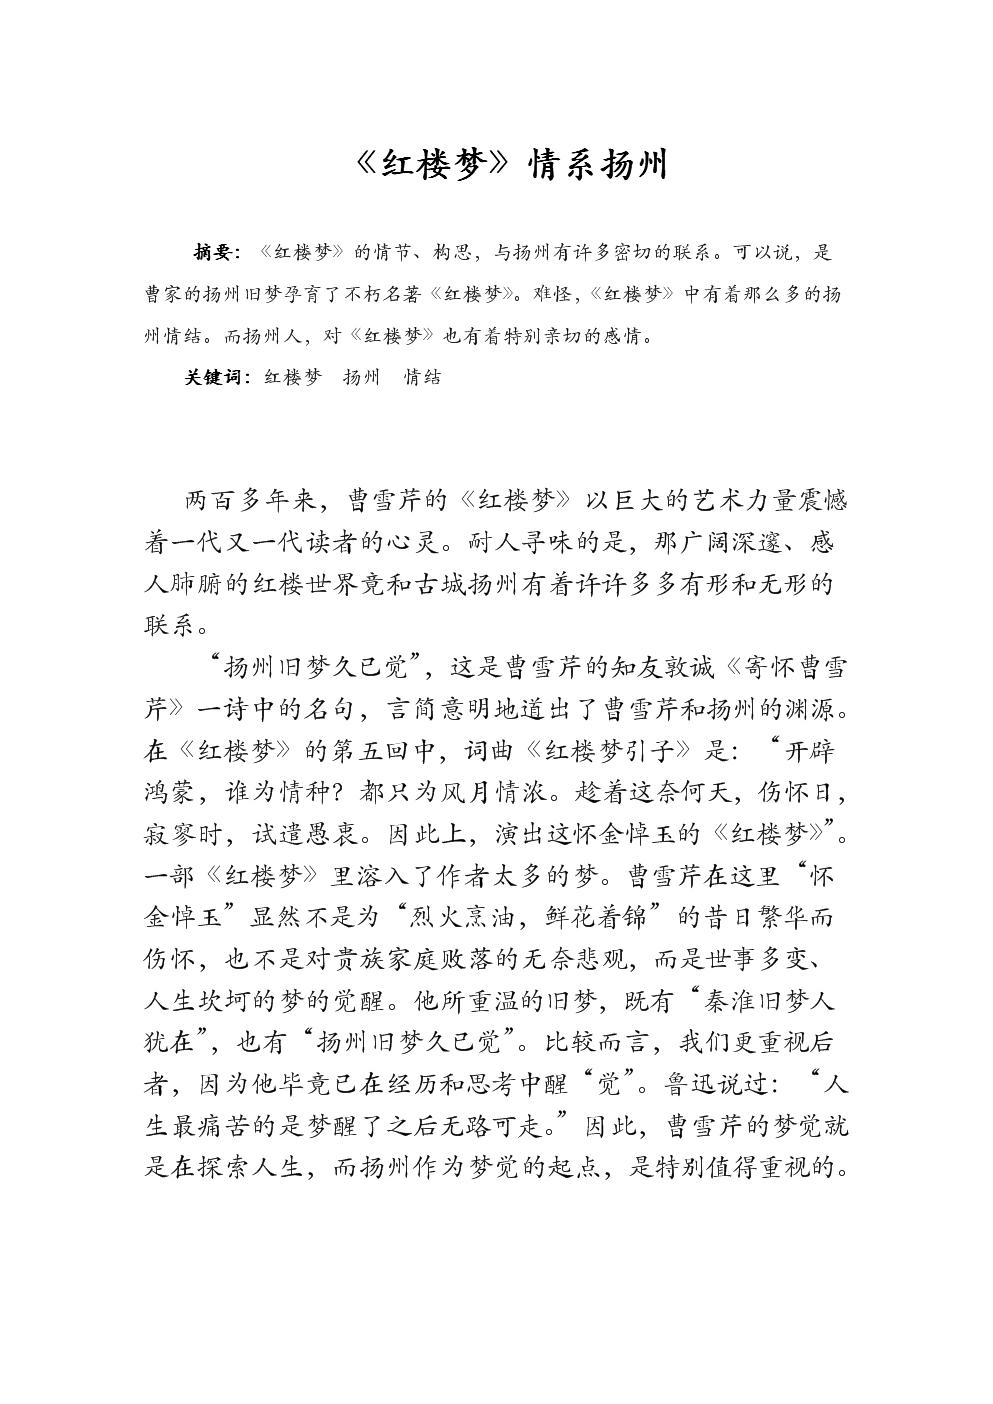 《紅樓夢》情系揚州.doc